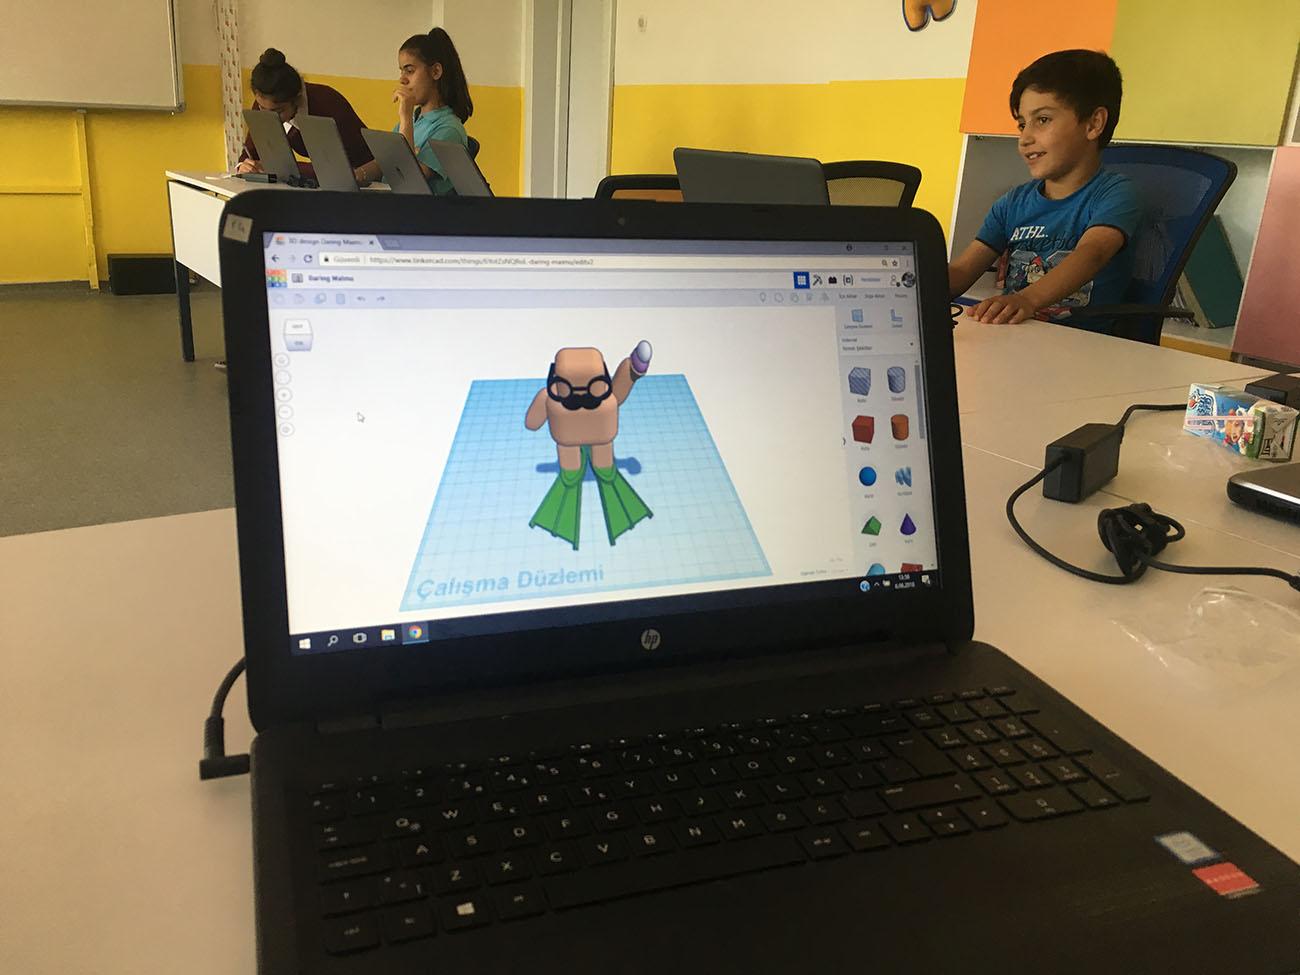 Elazığ'daki okulumuzda Tinkercad ile çalışıyoruz